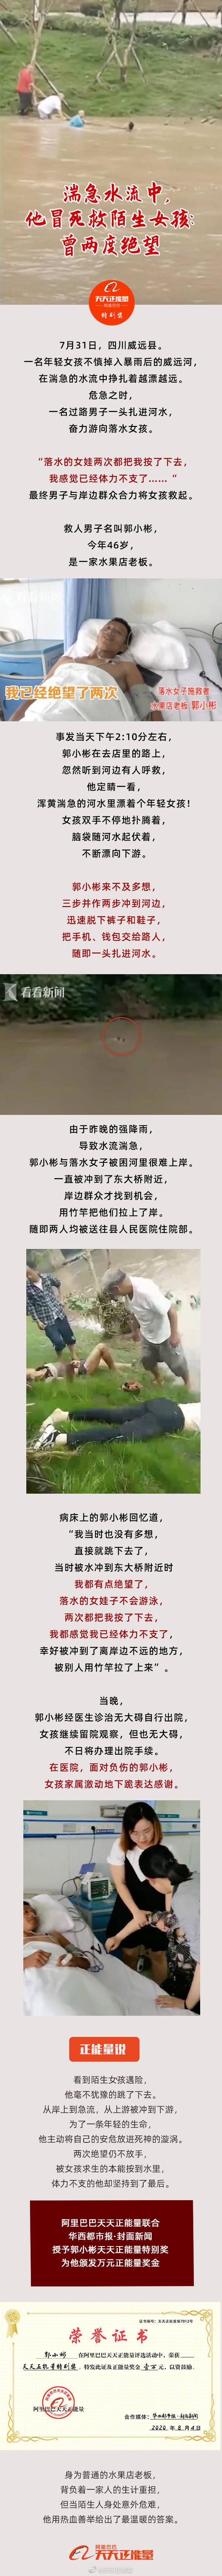 湍急水流中,他冒死救陌生女孩:曾两度绝望